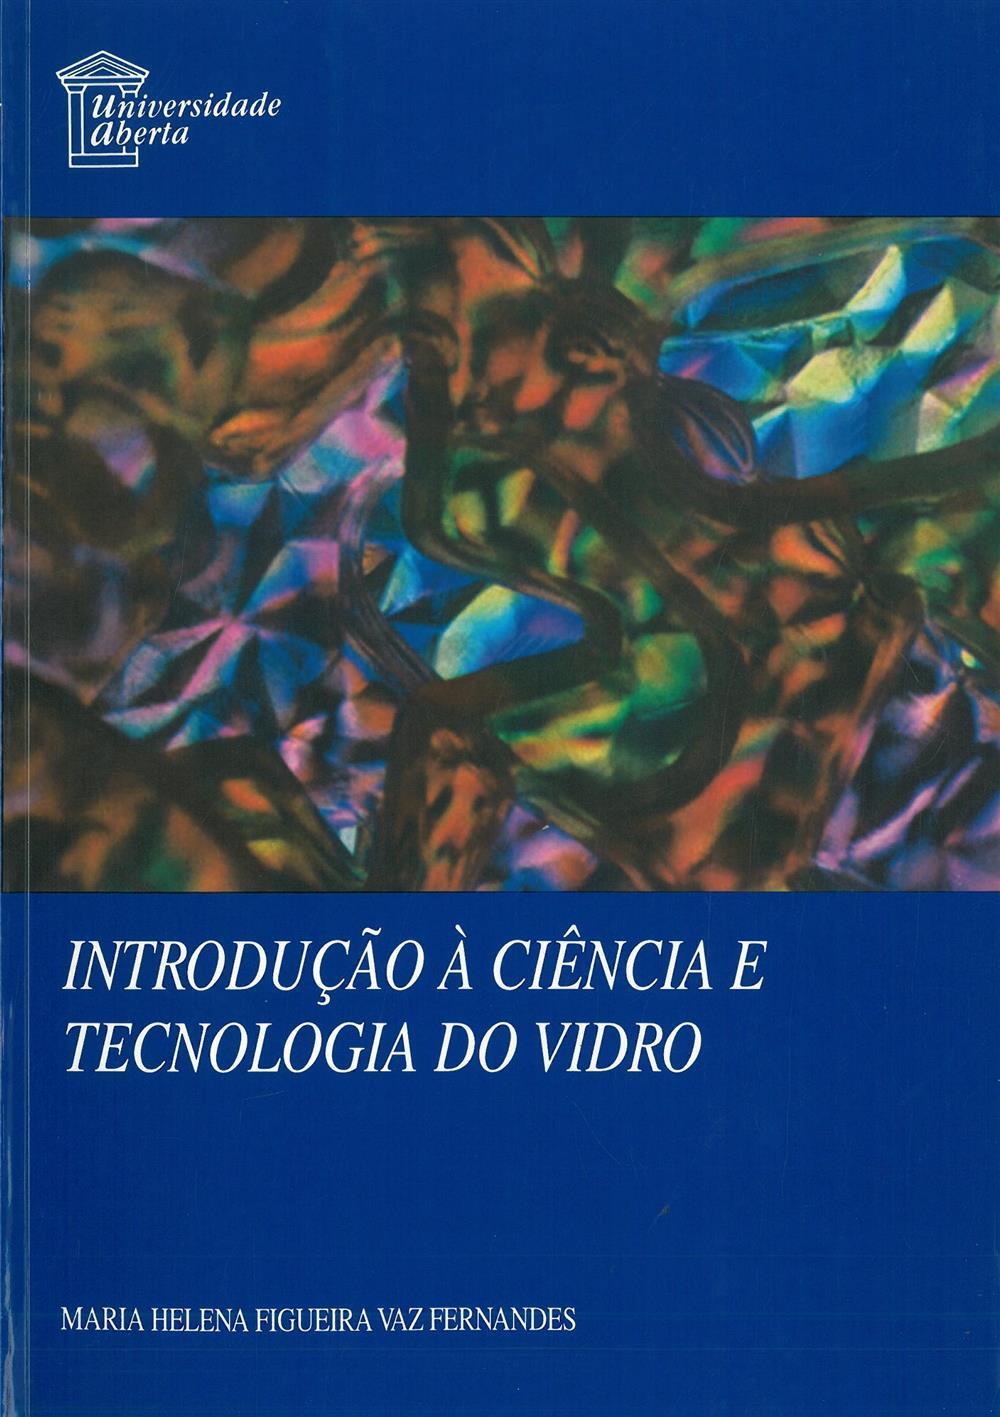 Introdução à ciência e tecnologia do vidro_.jpg